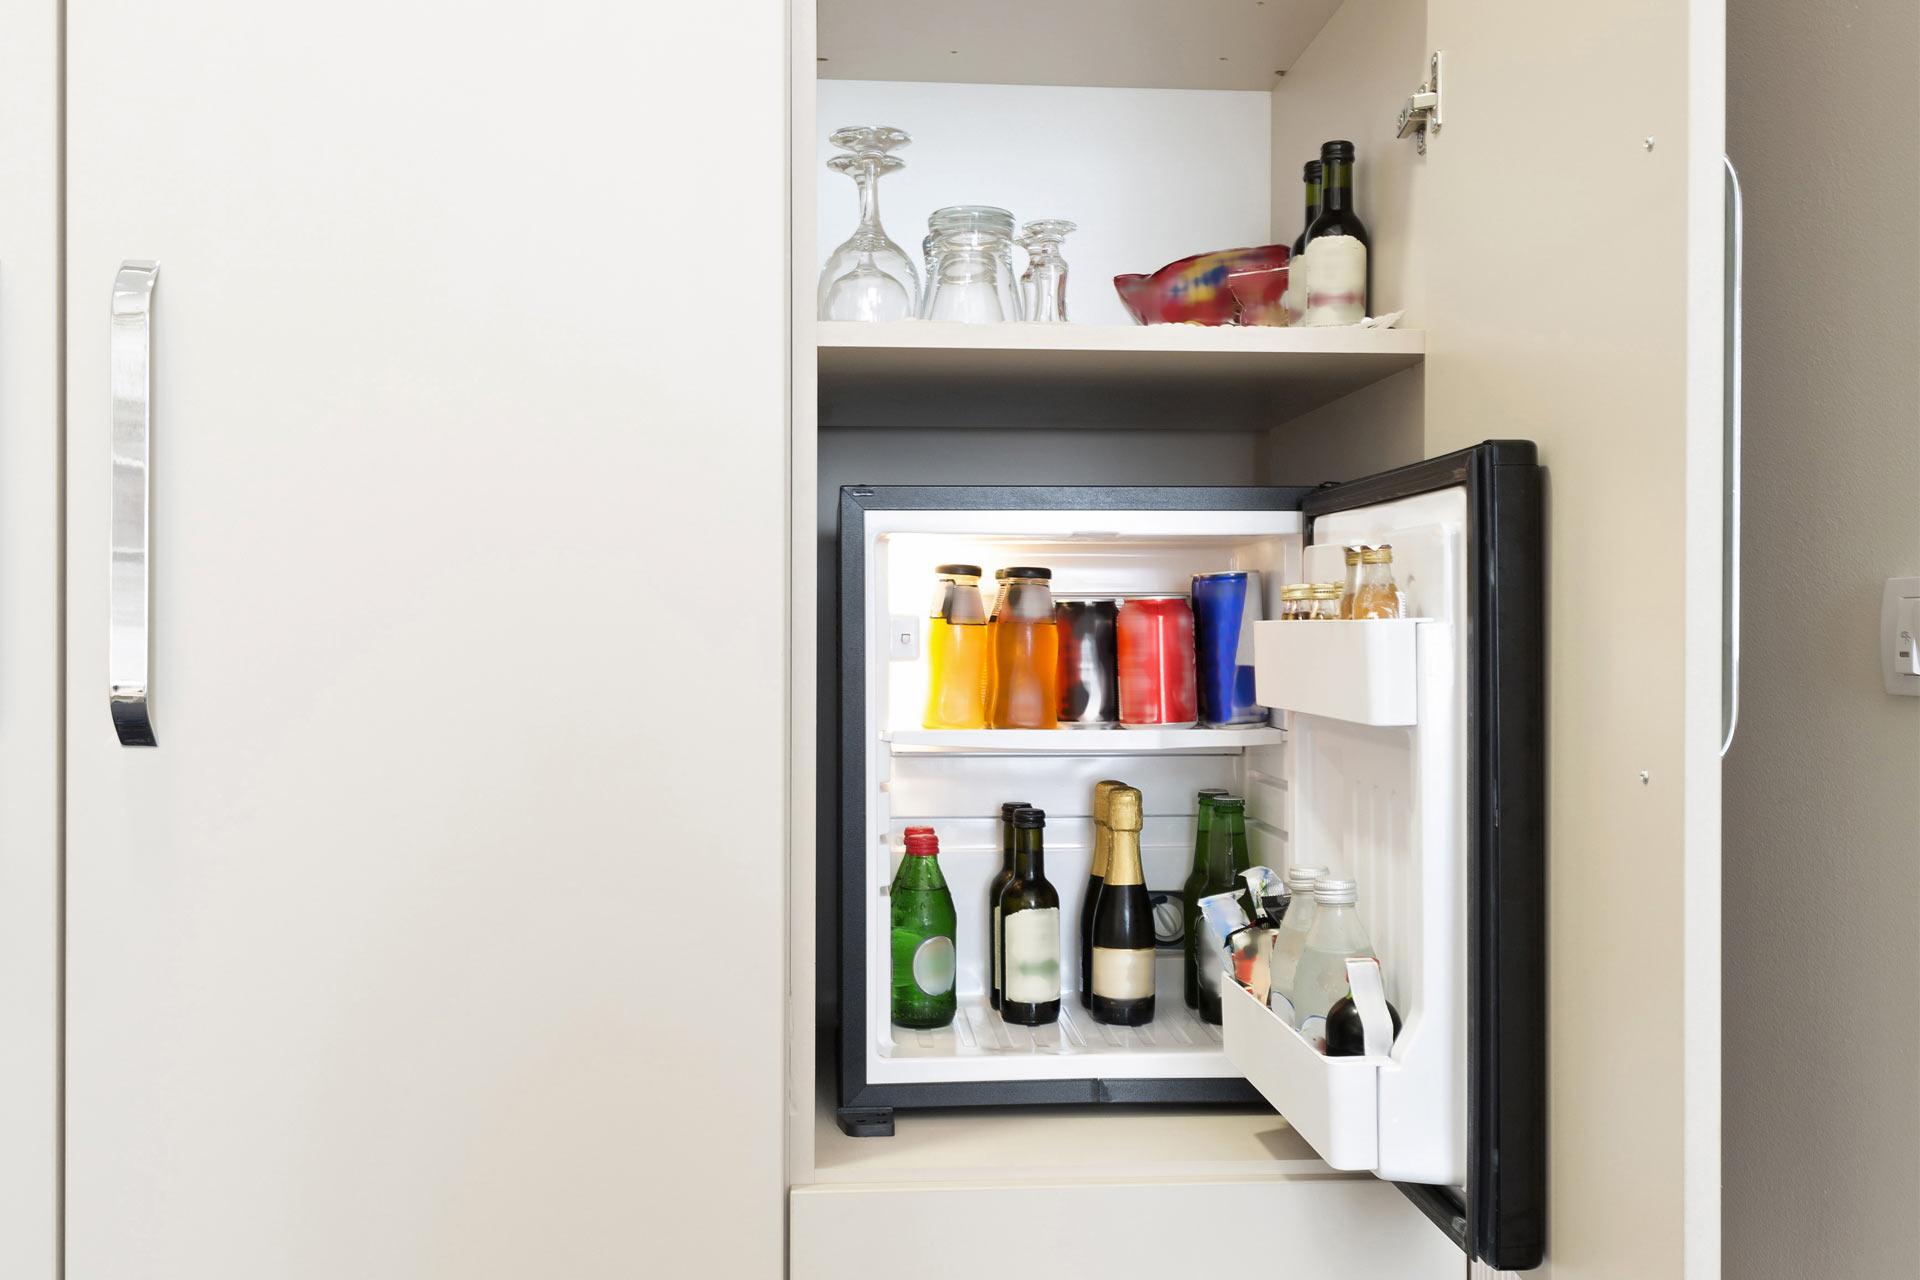 Mini Kühlschrank Für Hotel : Mini klein kÜhlschrank minibar getränkekühlschrank hotel zubehör